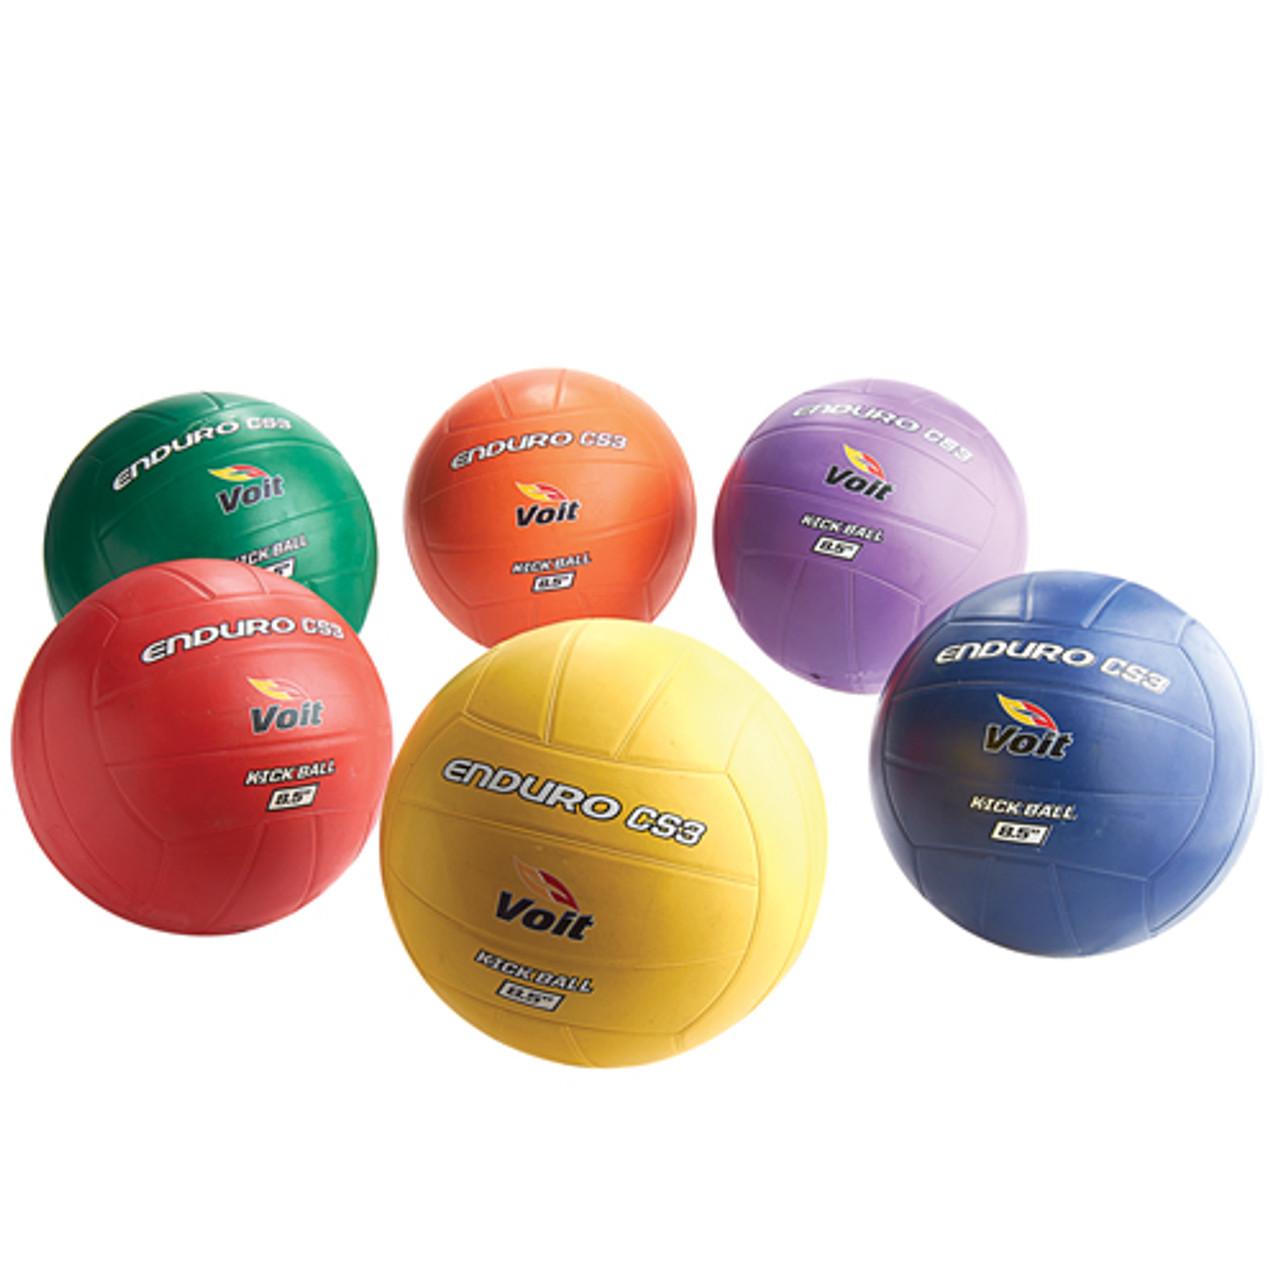 Voit Enduro CS3 Kickball